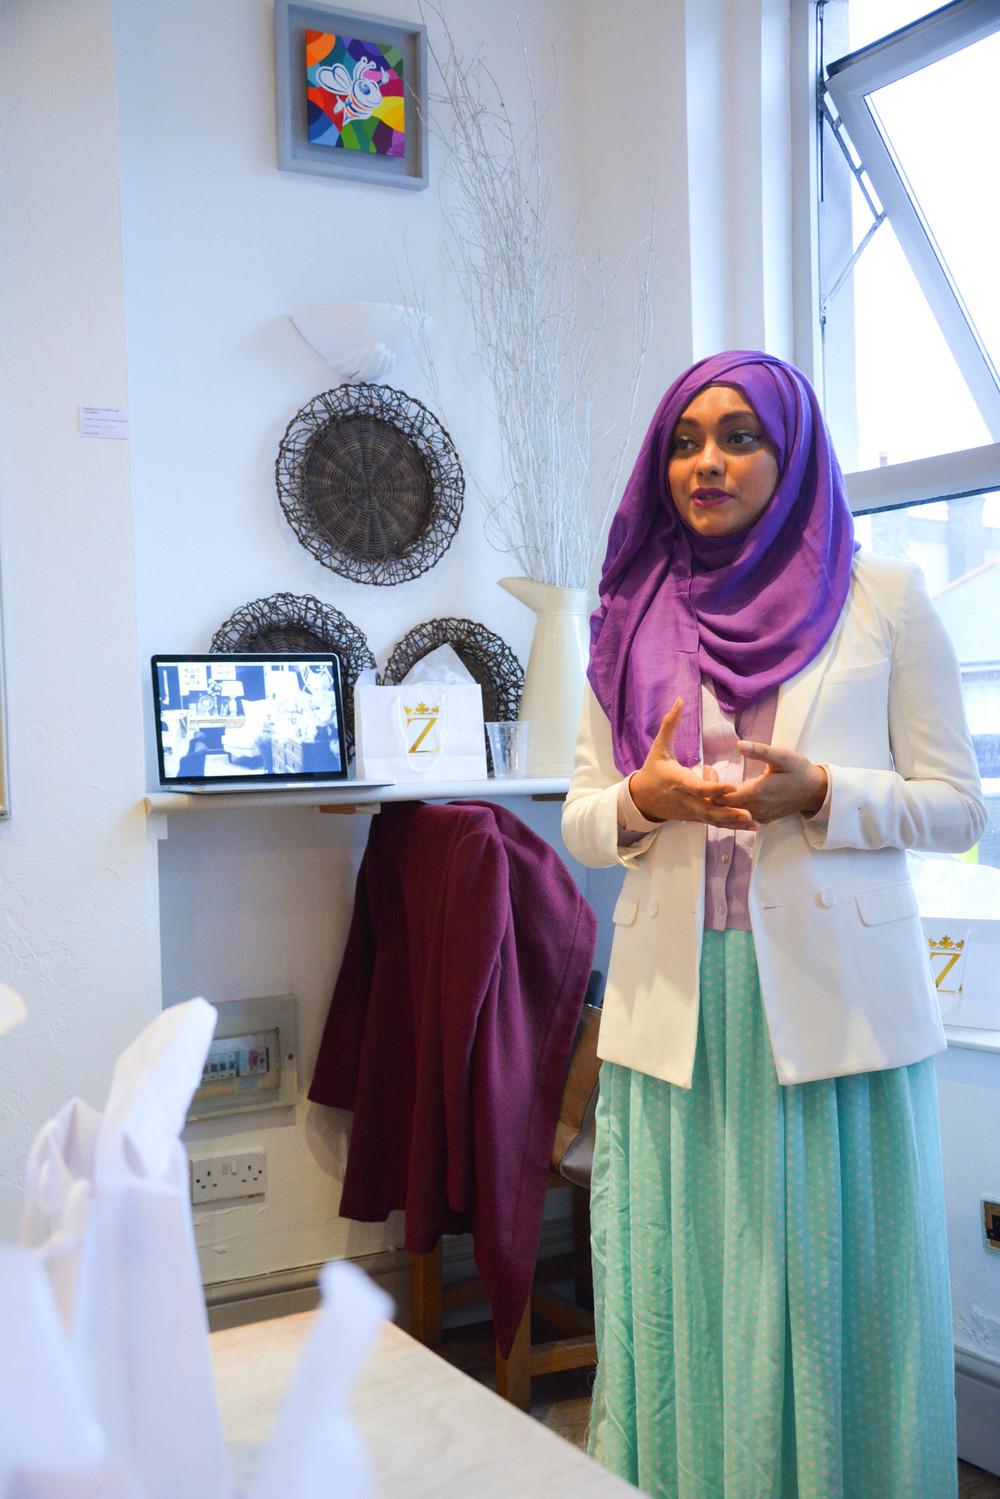 Bubblegum Hijabi Story